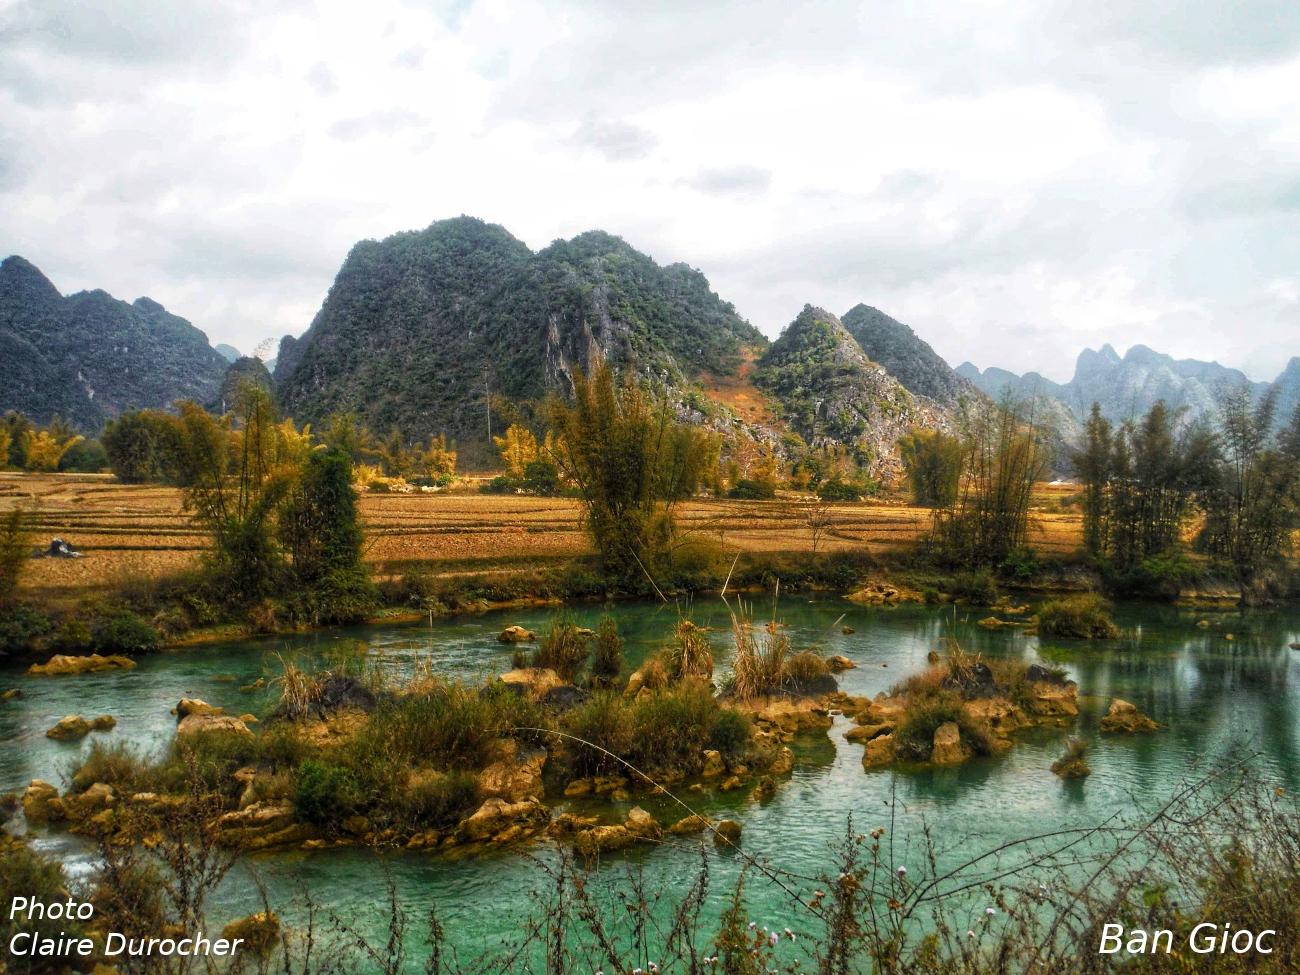 Rivière coule près d'une montagne en forme de pics